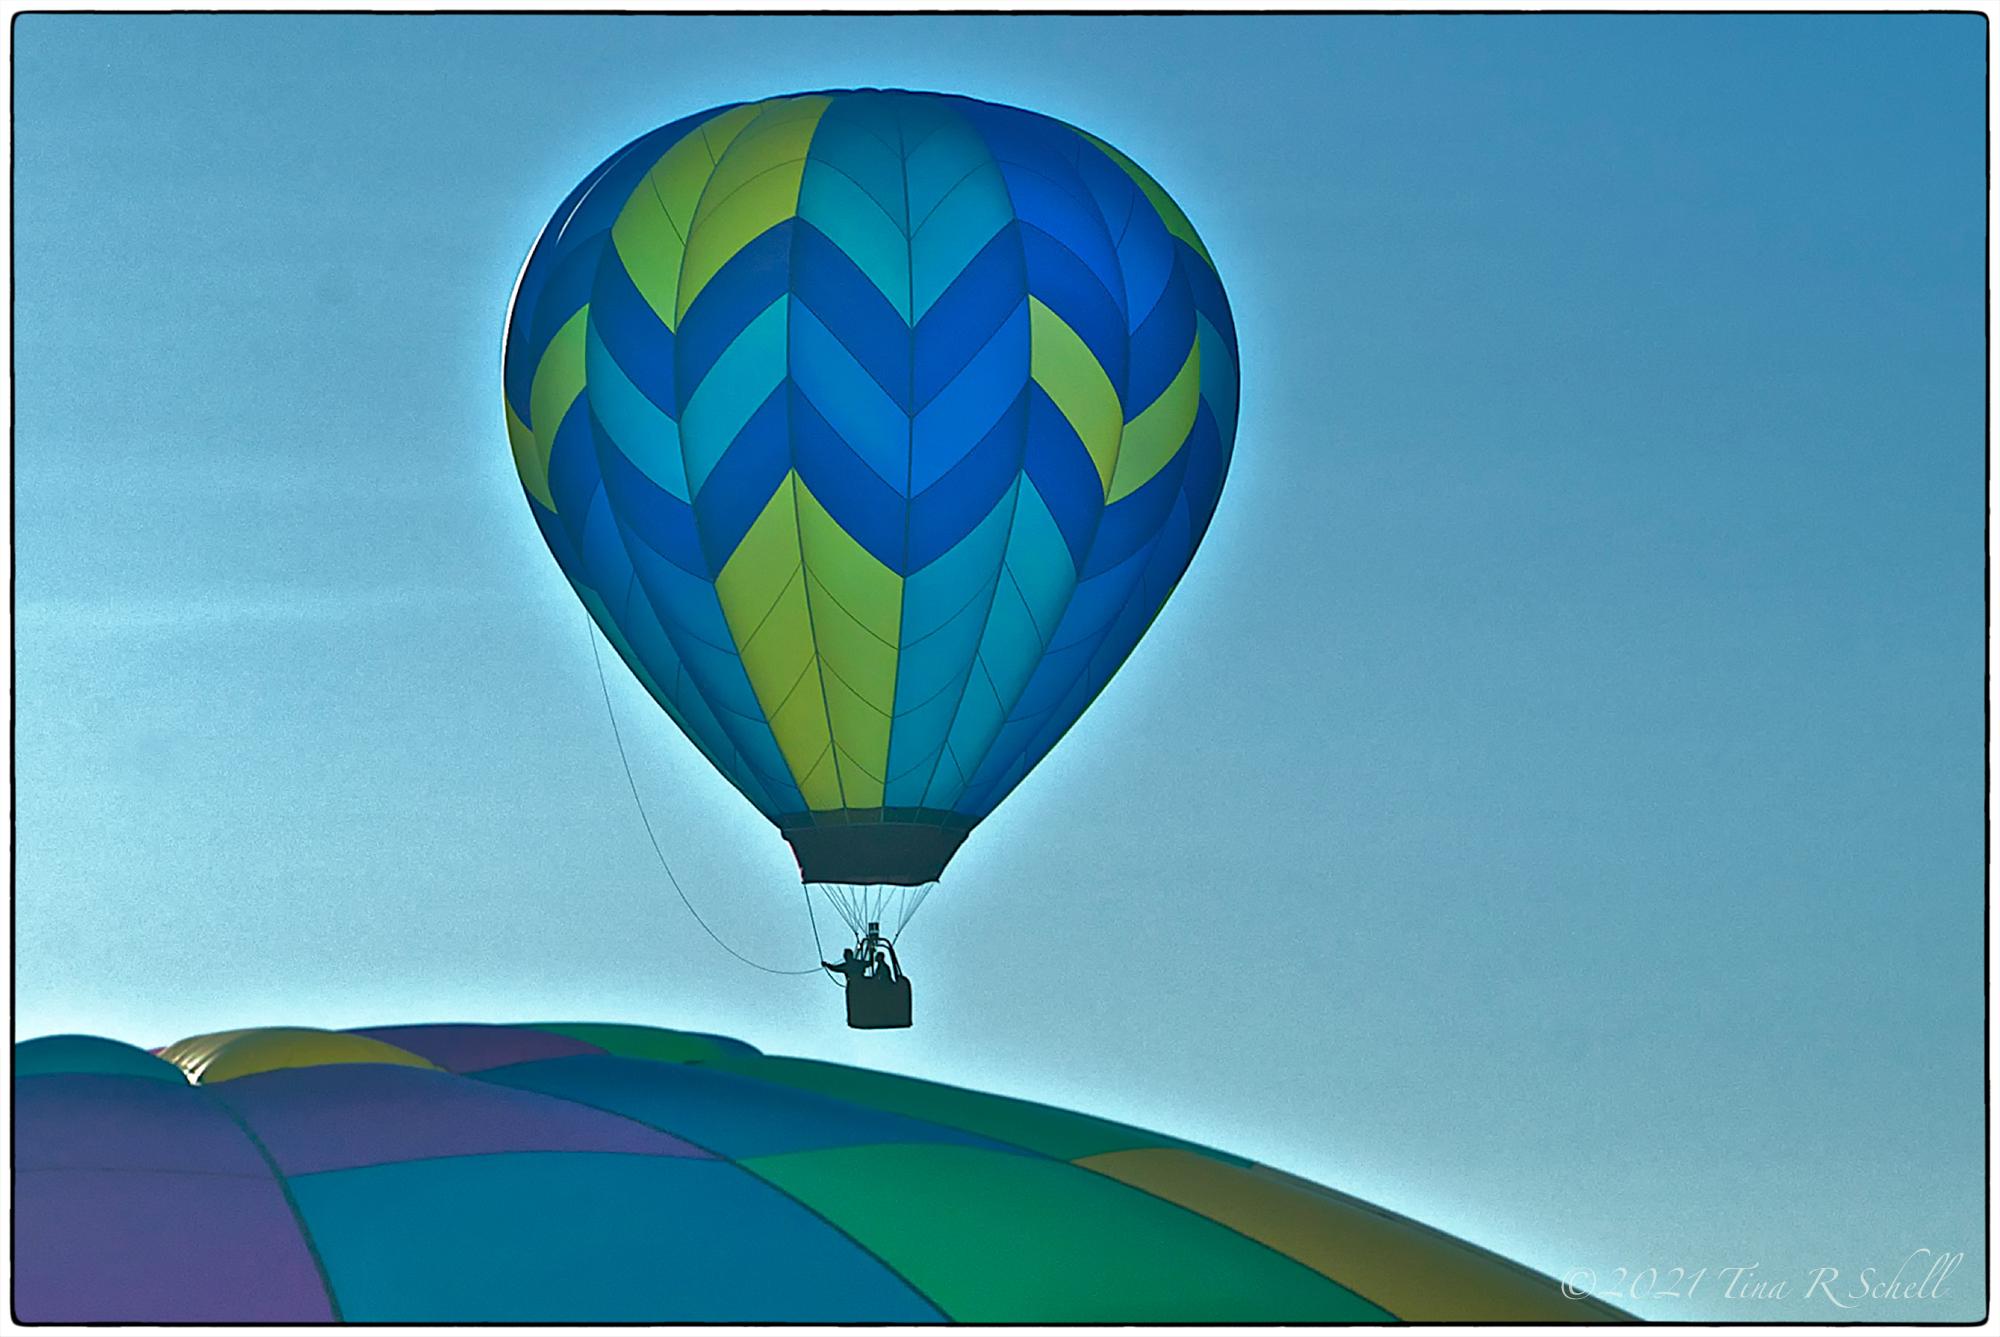 hot air balloon, blue, green